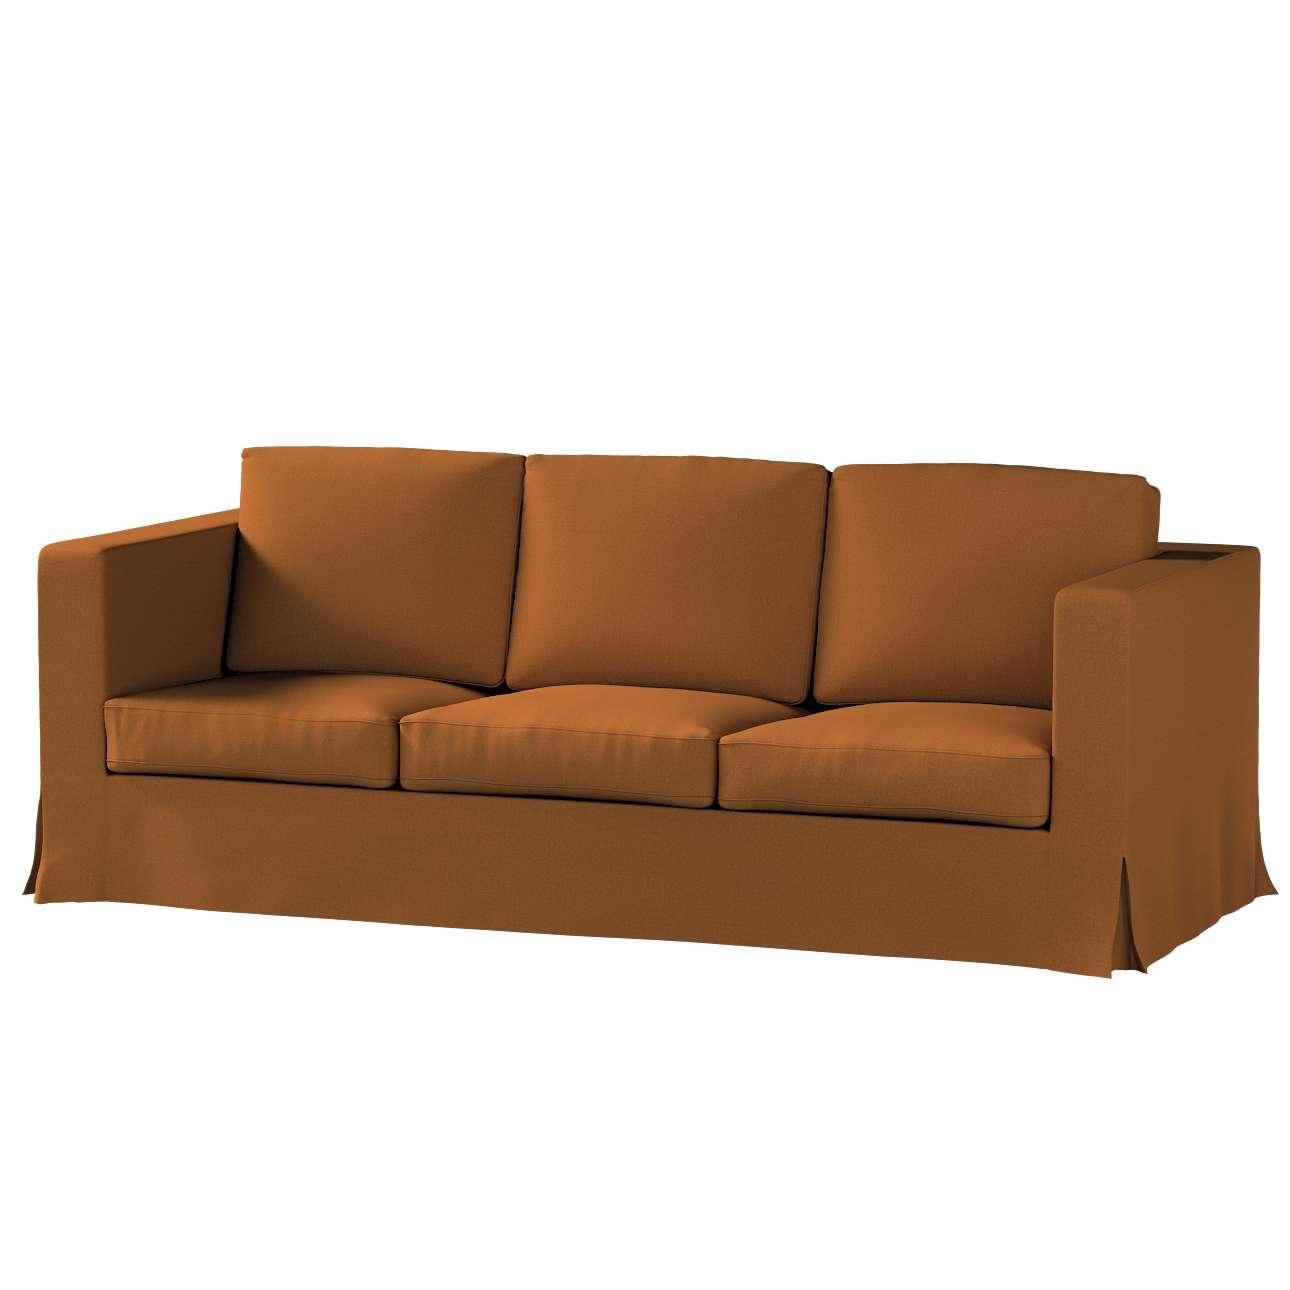 Potah na pohovku IKEA  Karlanda 3-místná nerozkládací, dlouhý v kolekci Living II, látka: 161-28